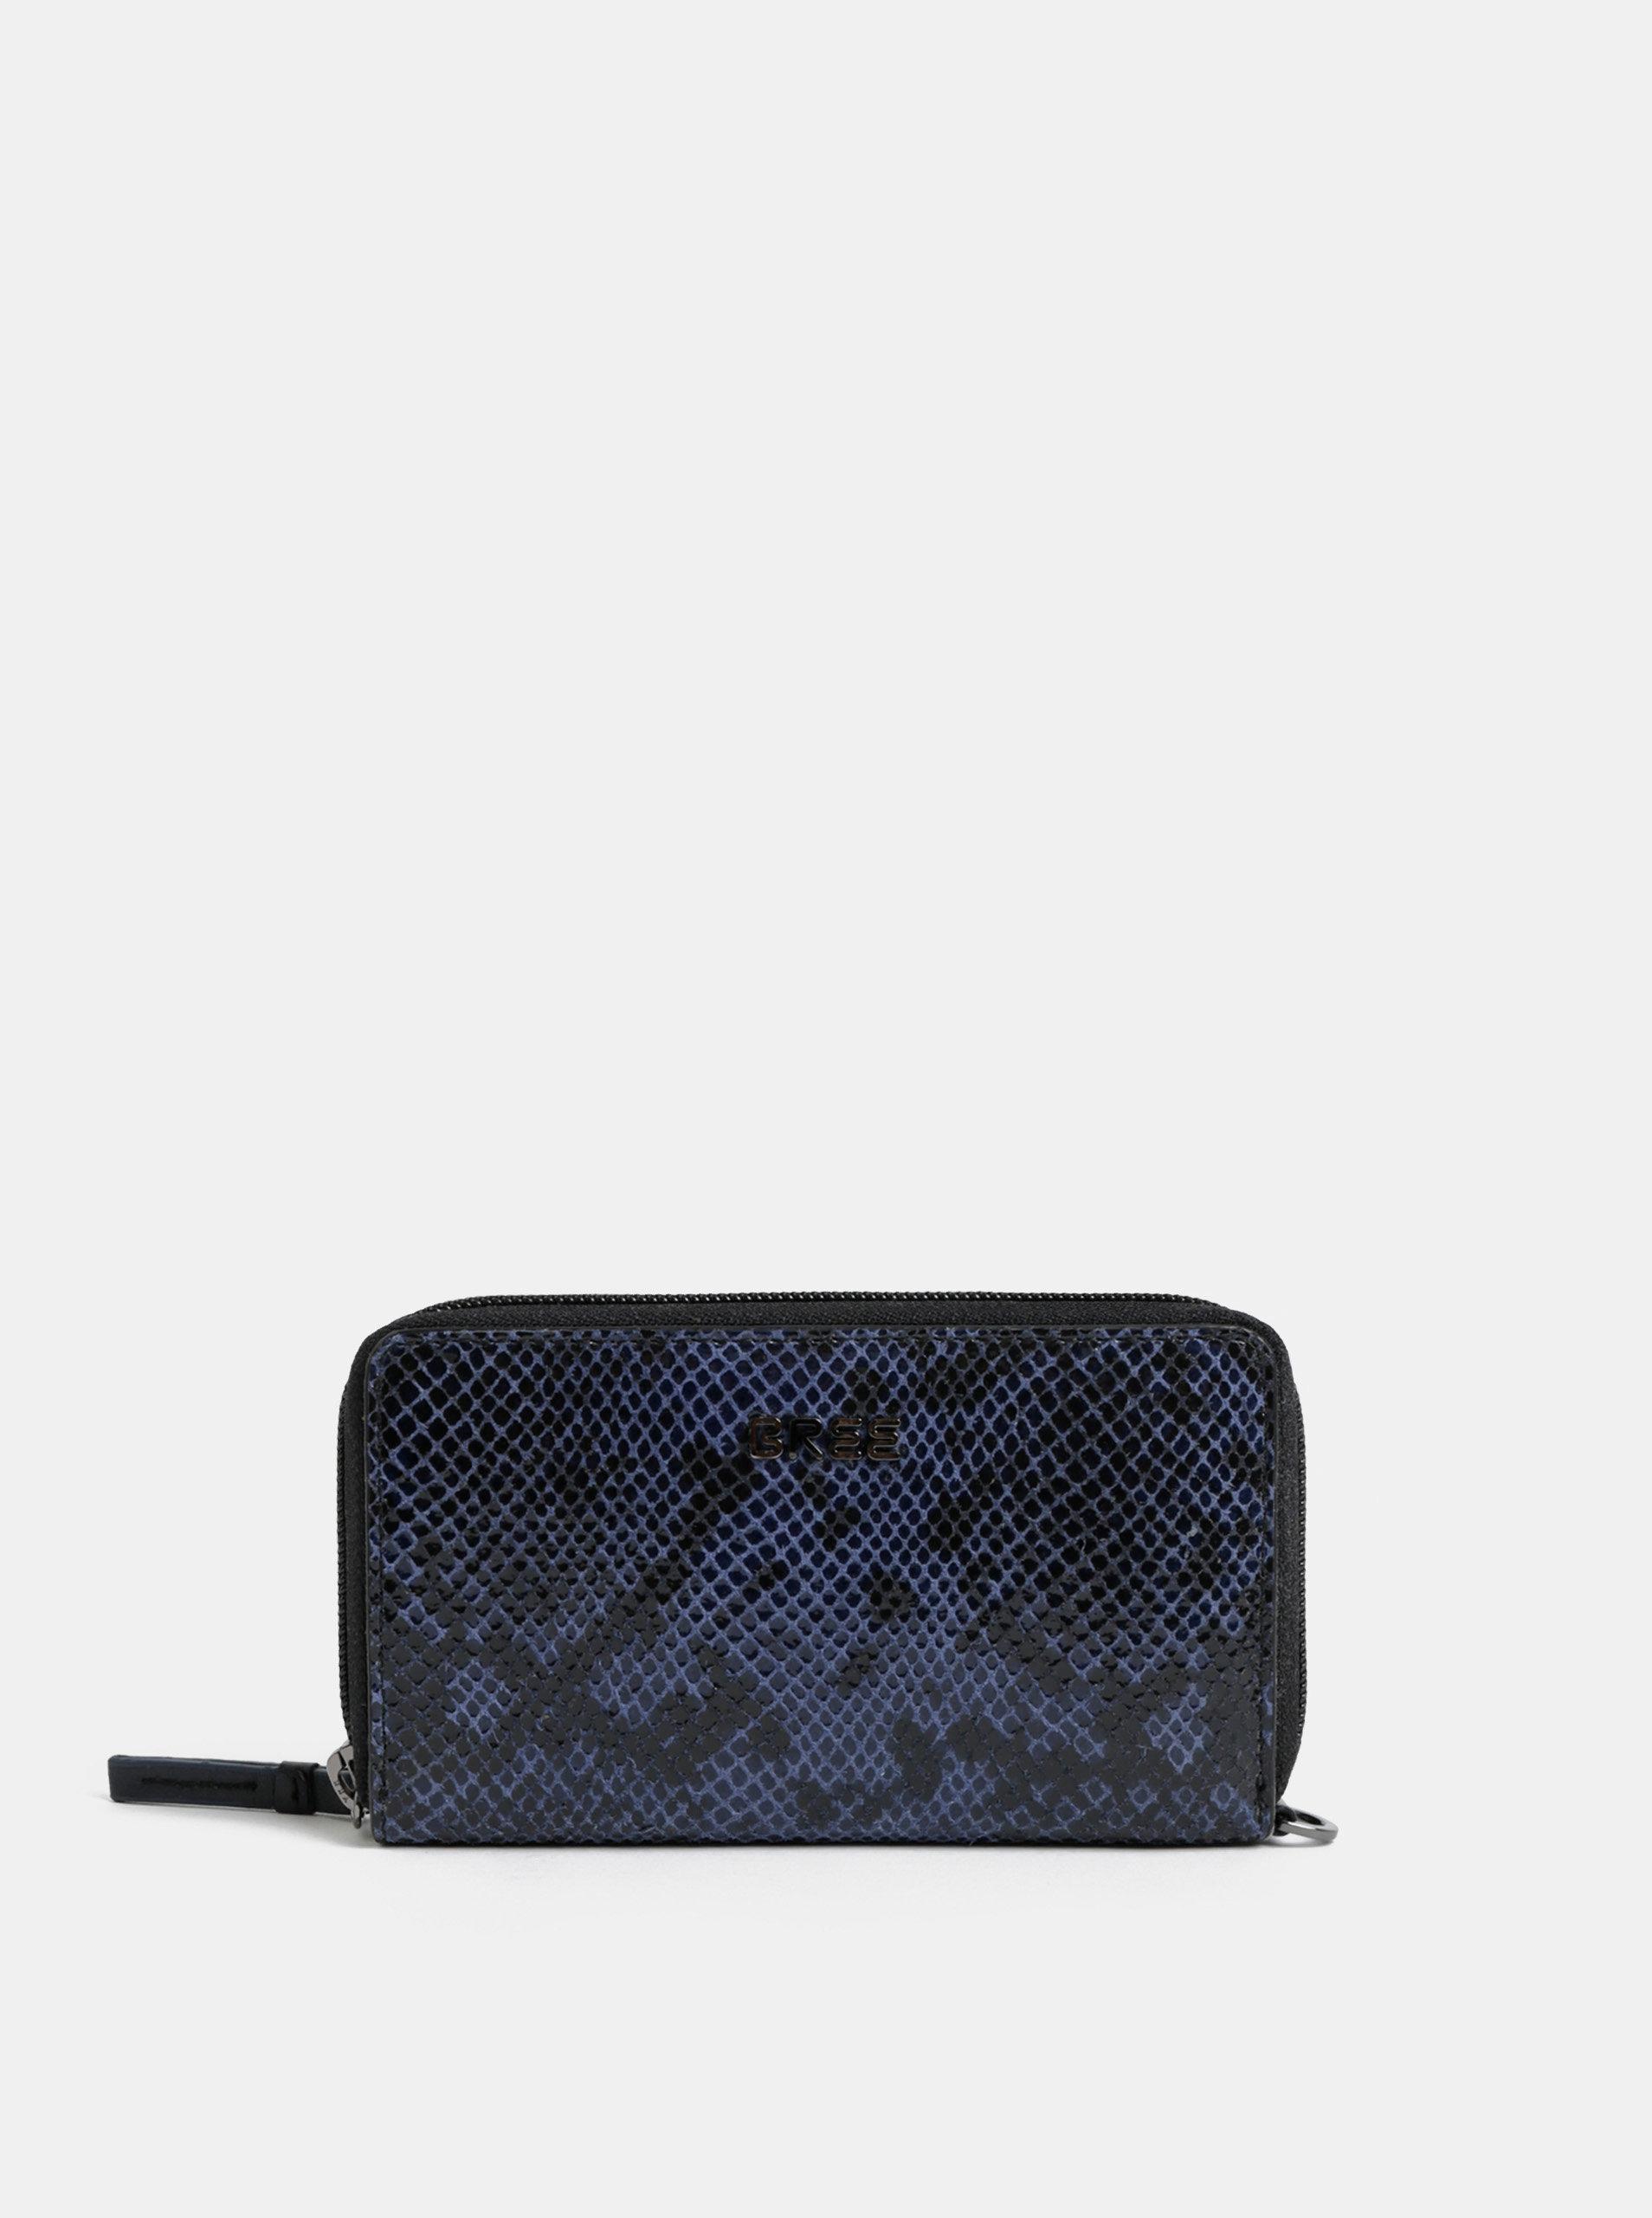 Modro-černá kožená malá peněženka  BREE Issy 134